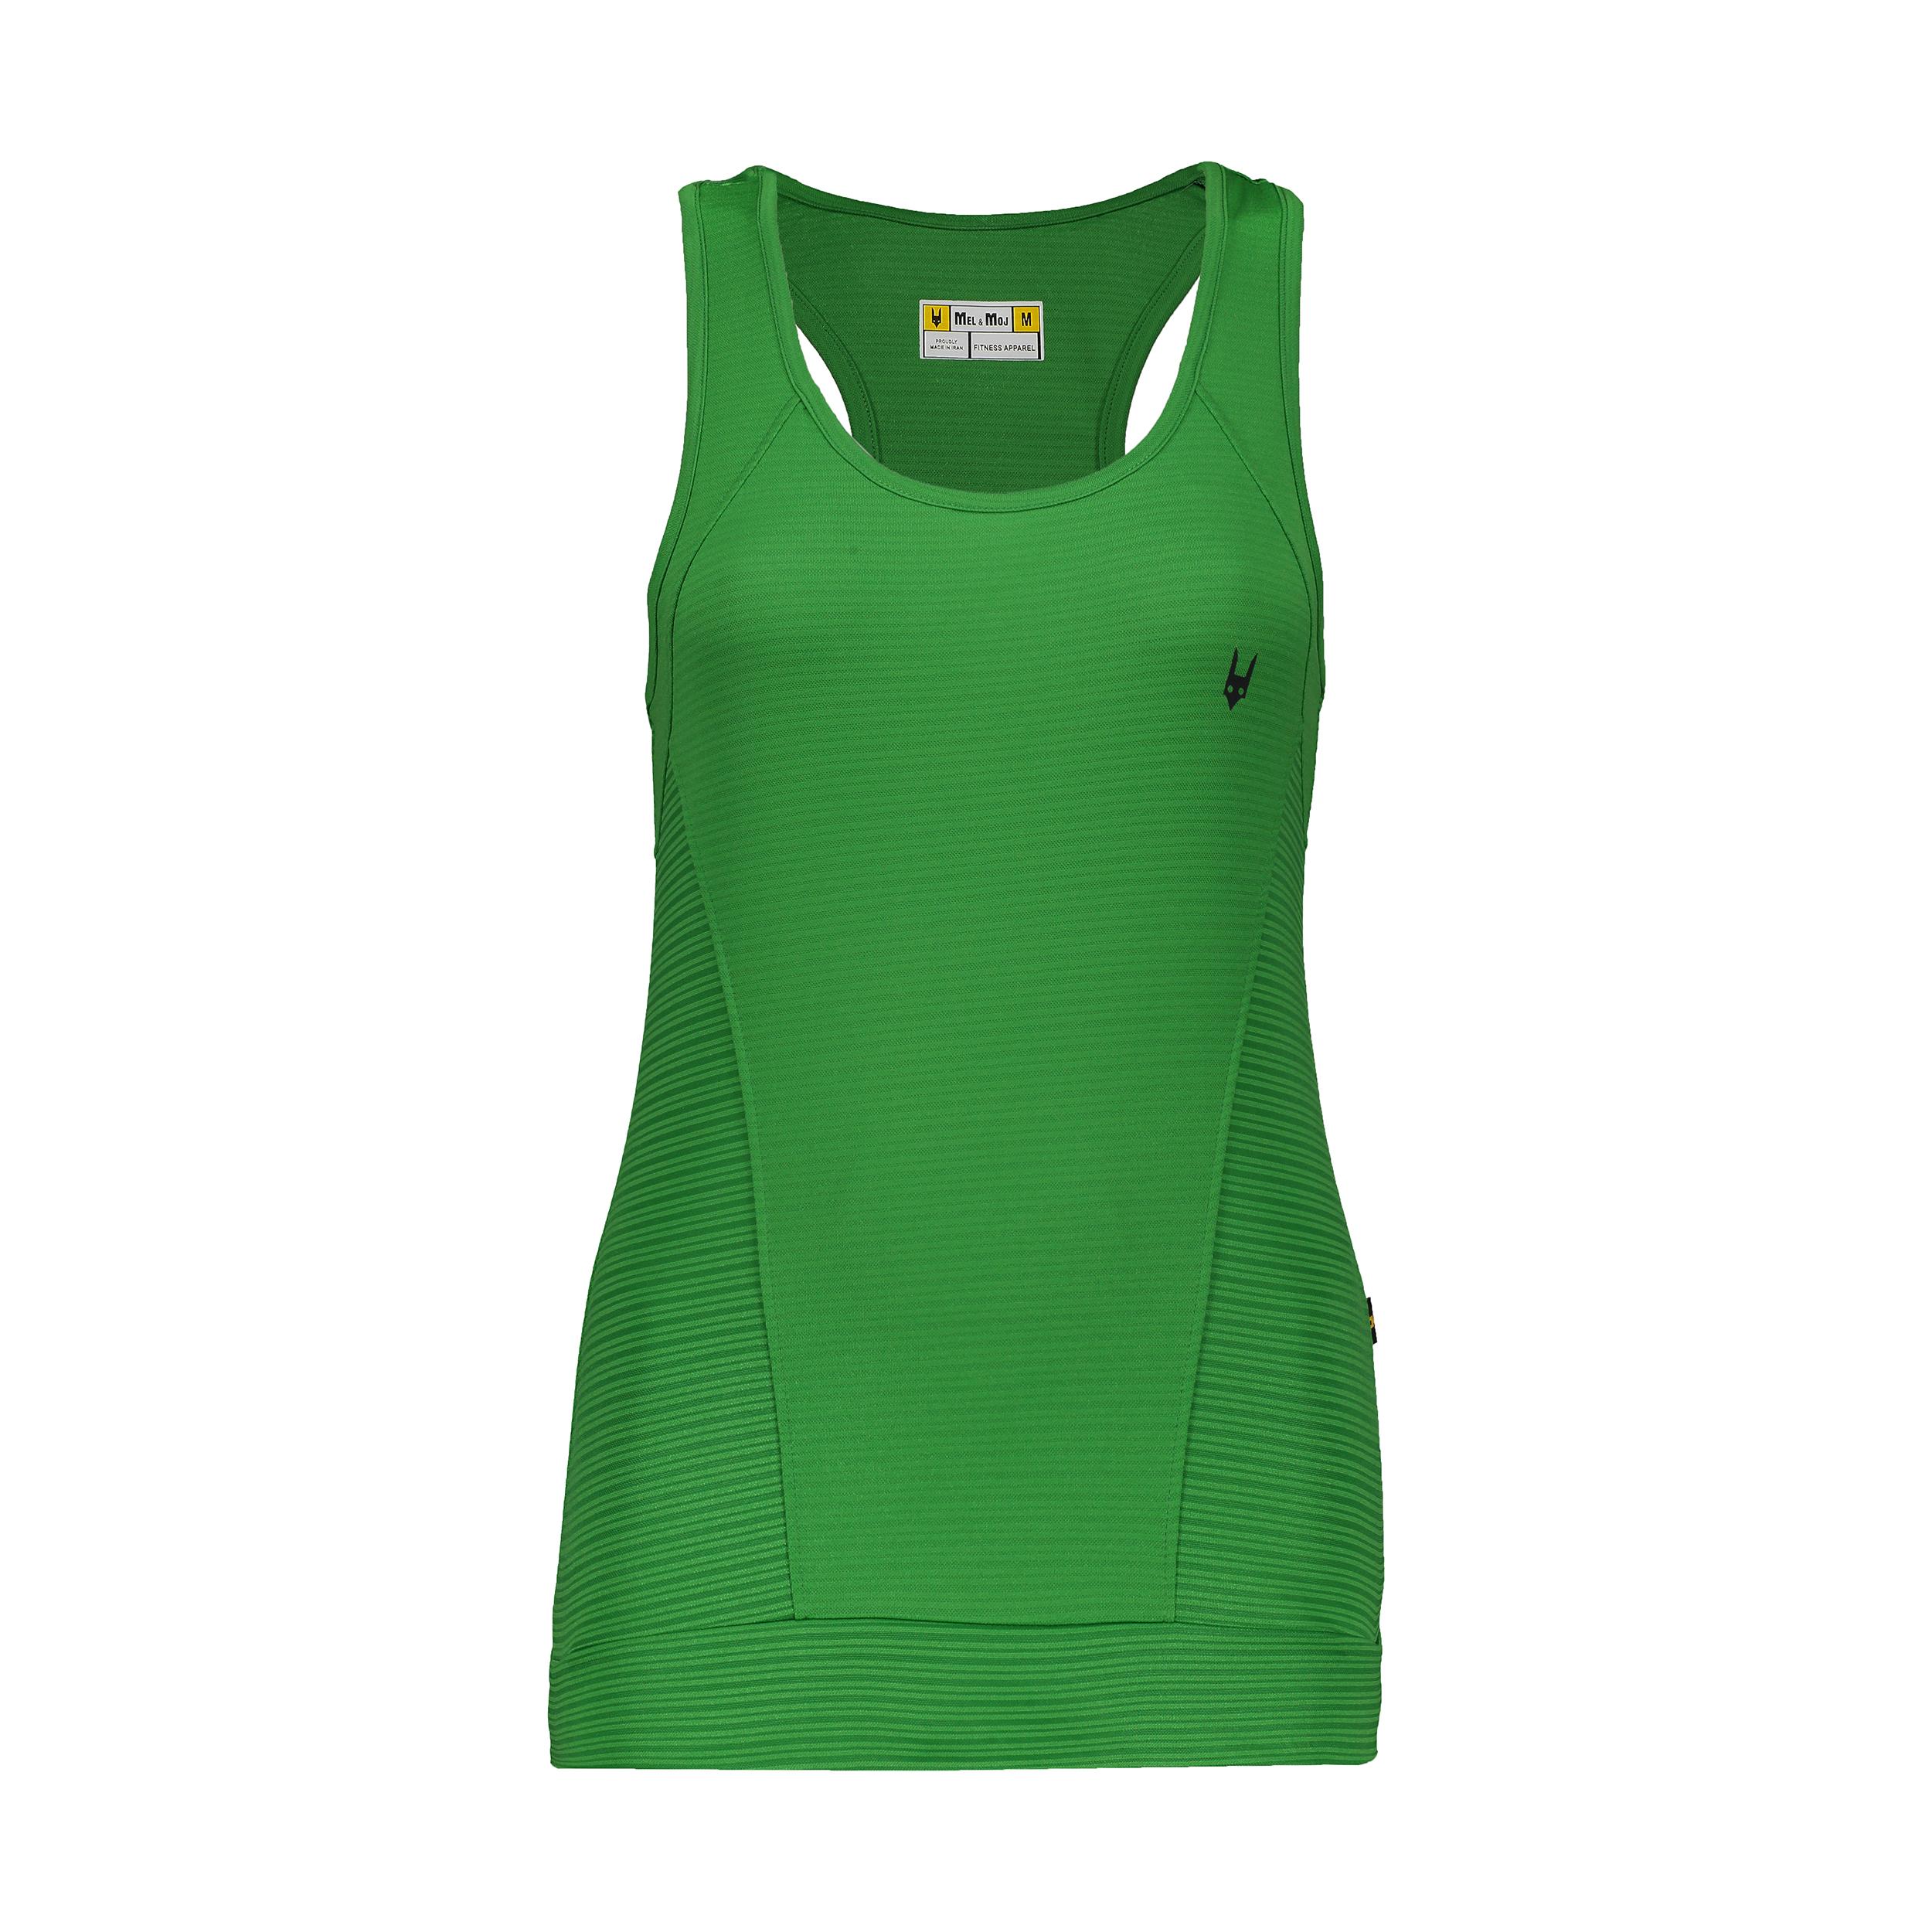 تاپ ورزشی زنانه مل اند موژ مدل W01208-400